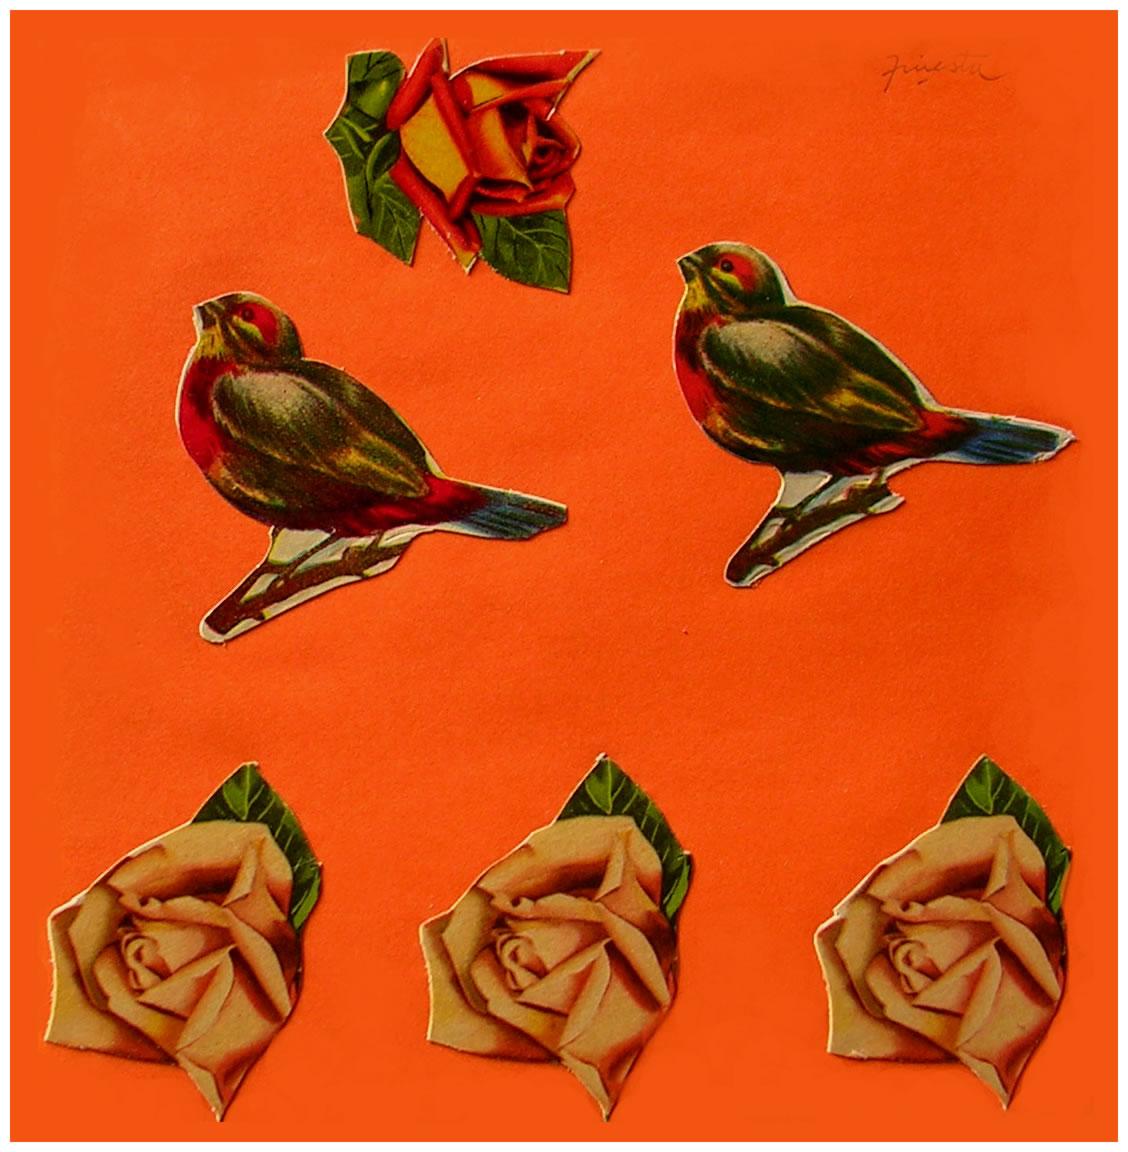 Pájaros y rosas II,  papel collage, 15 cm x 15 cm, 1999